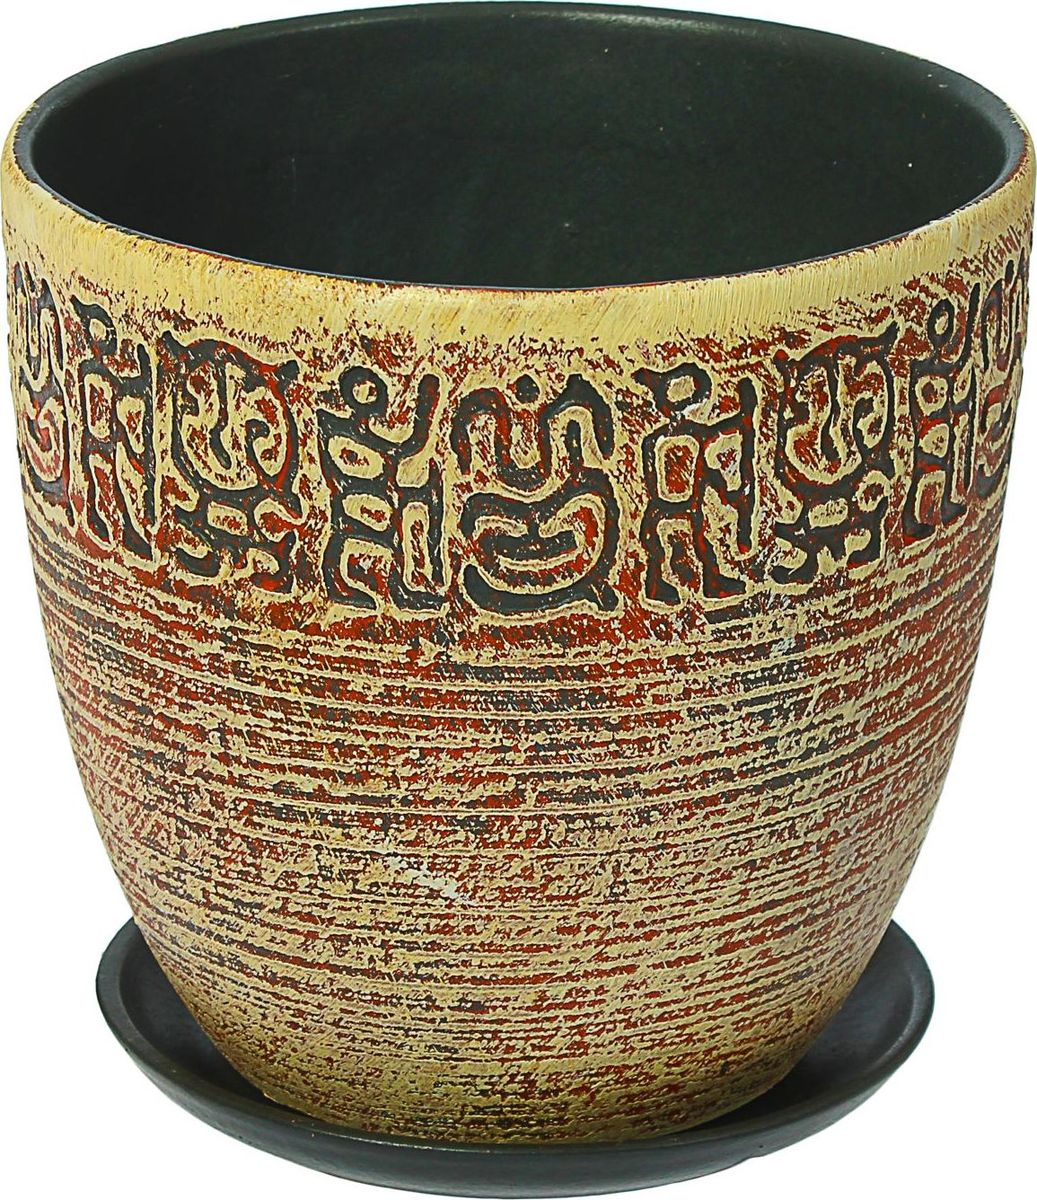 Кашпо Человечки, 2 л1454992Комнатные растения — всеобщие любимцы. Они радуют глаз, насыщают помещение кислородом и украшают пространство. Каждому из них необходим свой удобный и красивый дом. Кашпо из керамики прекрасно подходят для высадки растений: за счёт пластичности глины и разных способов обработки существует великое множество форм и дизайновпористый материал позволяет испаряться лишней влагевоздух, необходимый для дыхания корней, проникает сквозь керамические стенки! #name# позаботится о зелёном питомце, освежит интерьер и подчеркнёт его стиль.